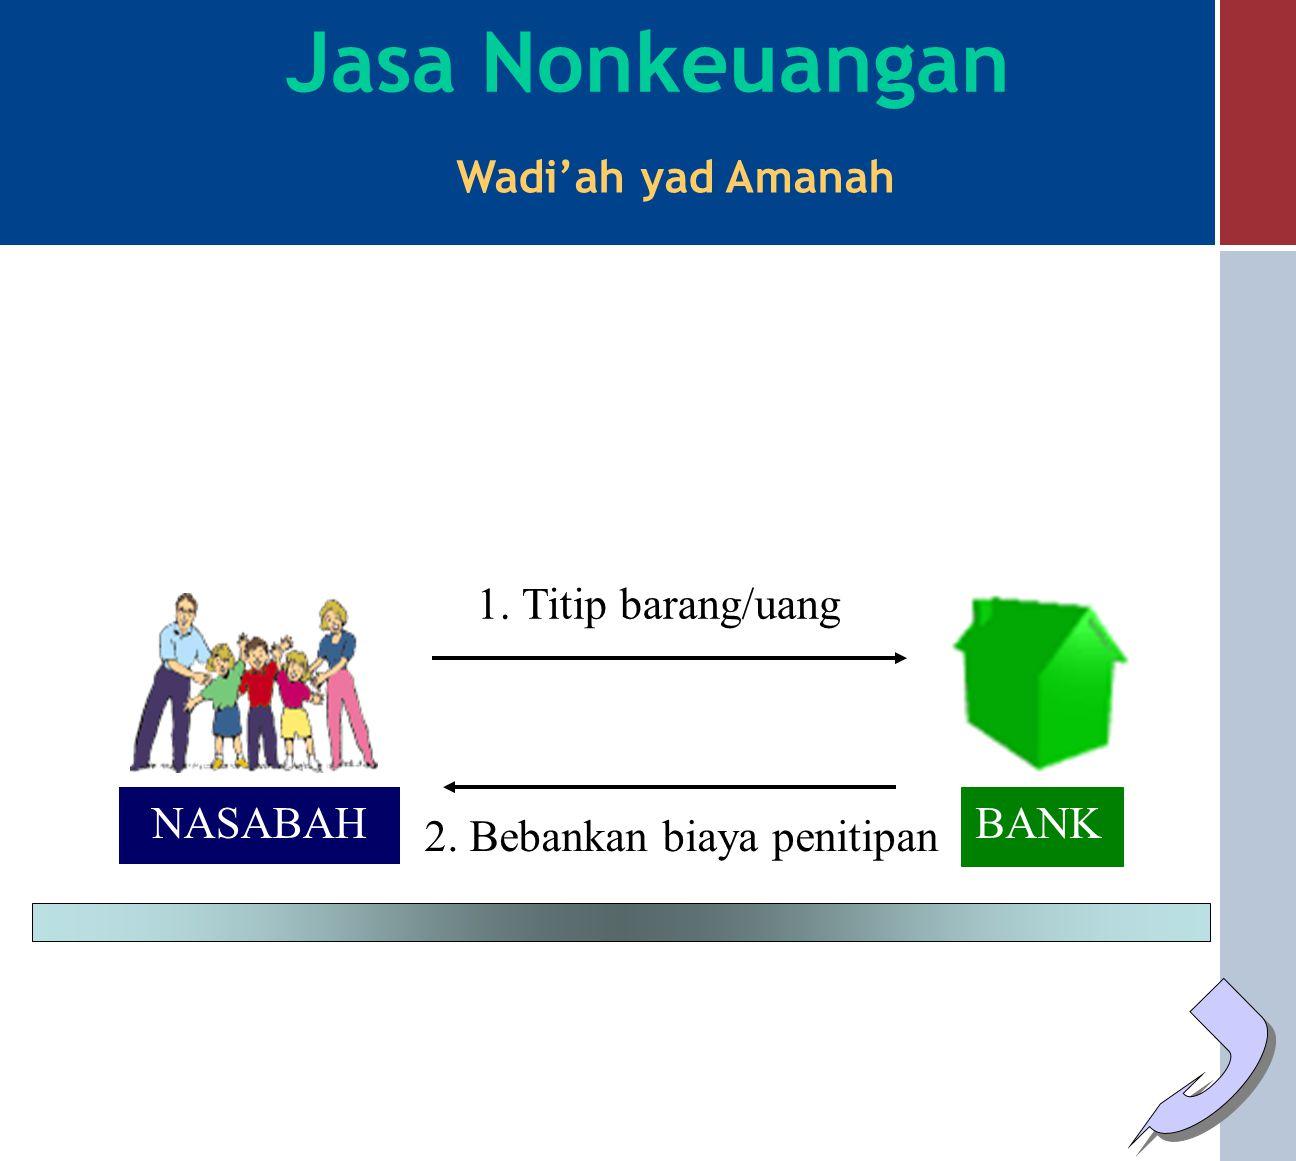 NASABAH BANK PROYEK/ USAHA KEUNTUNGAN Keahlian Modal 100% MODAL Modal kembali Aqad Qardh 100% Jasa Keuangan Qardh